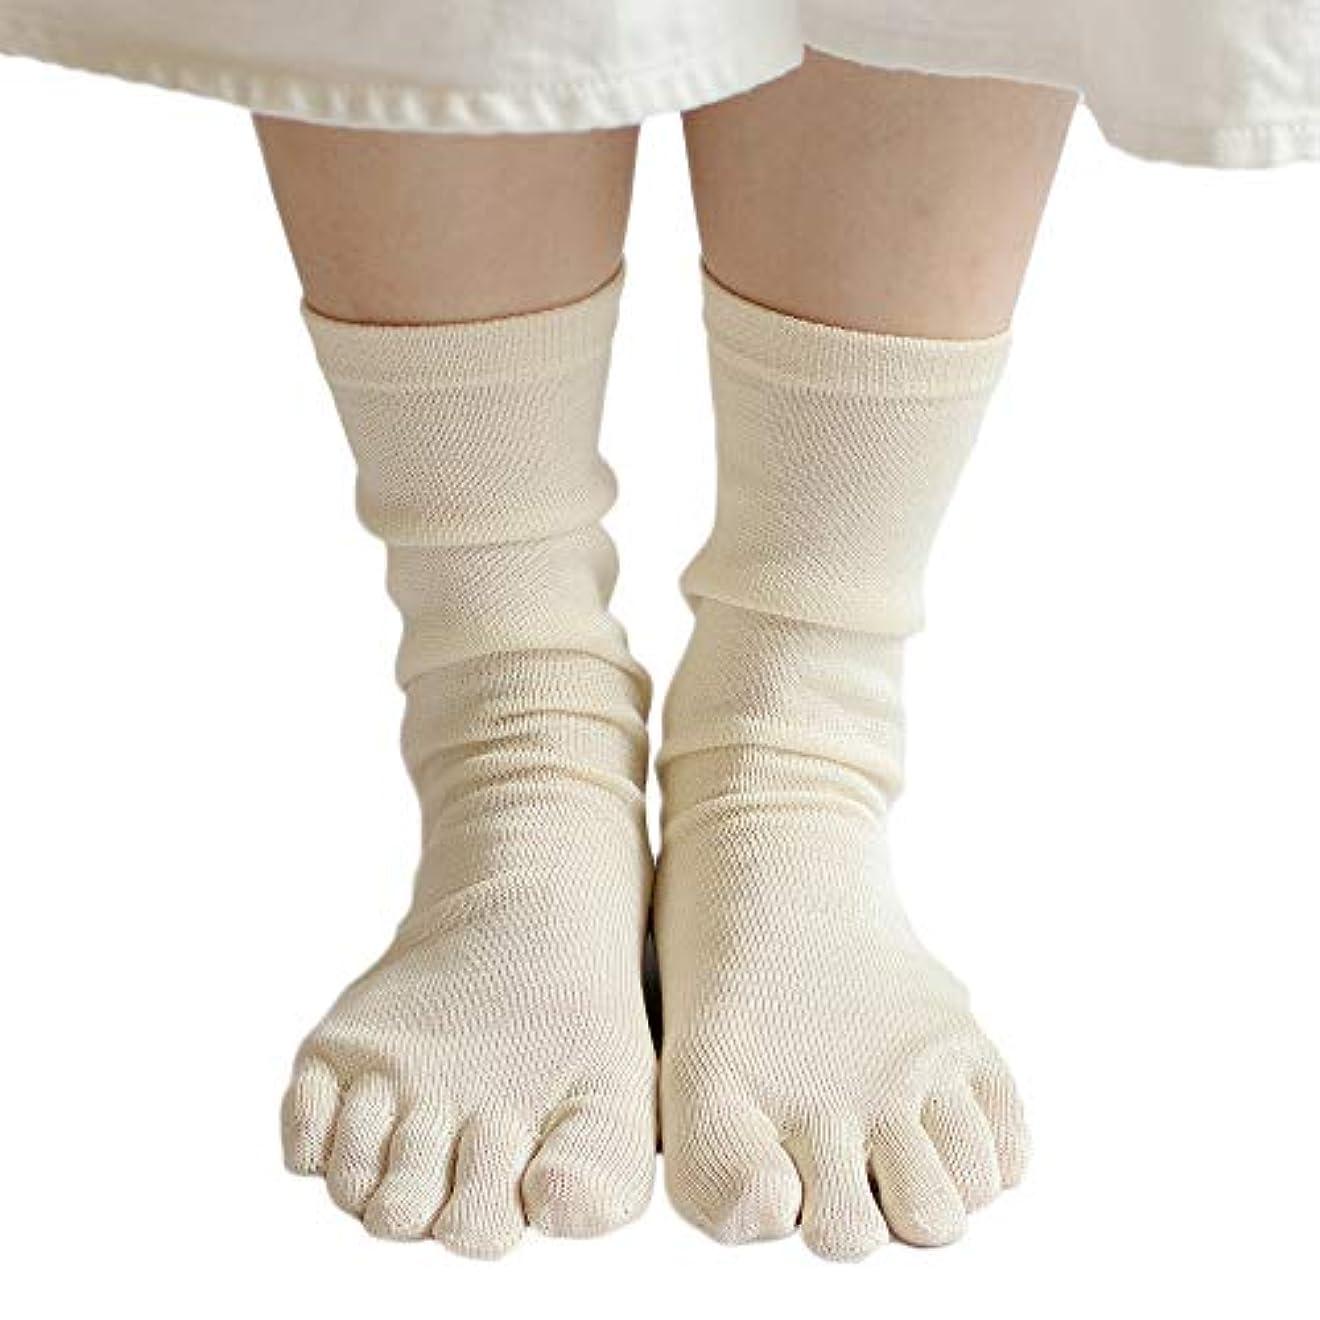 来て地理人タイシルク 100% 五本指 ソックス 3足セット かかとあり 上質なシルクを100%使用した薄手靴下 重ね履きのインナーソックスや冷えとりに